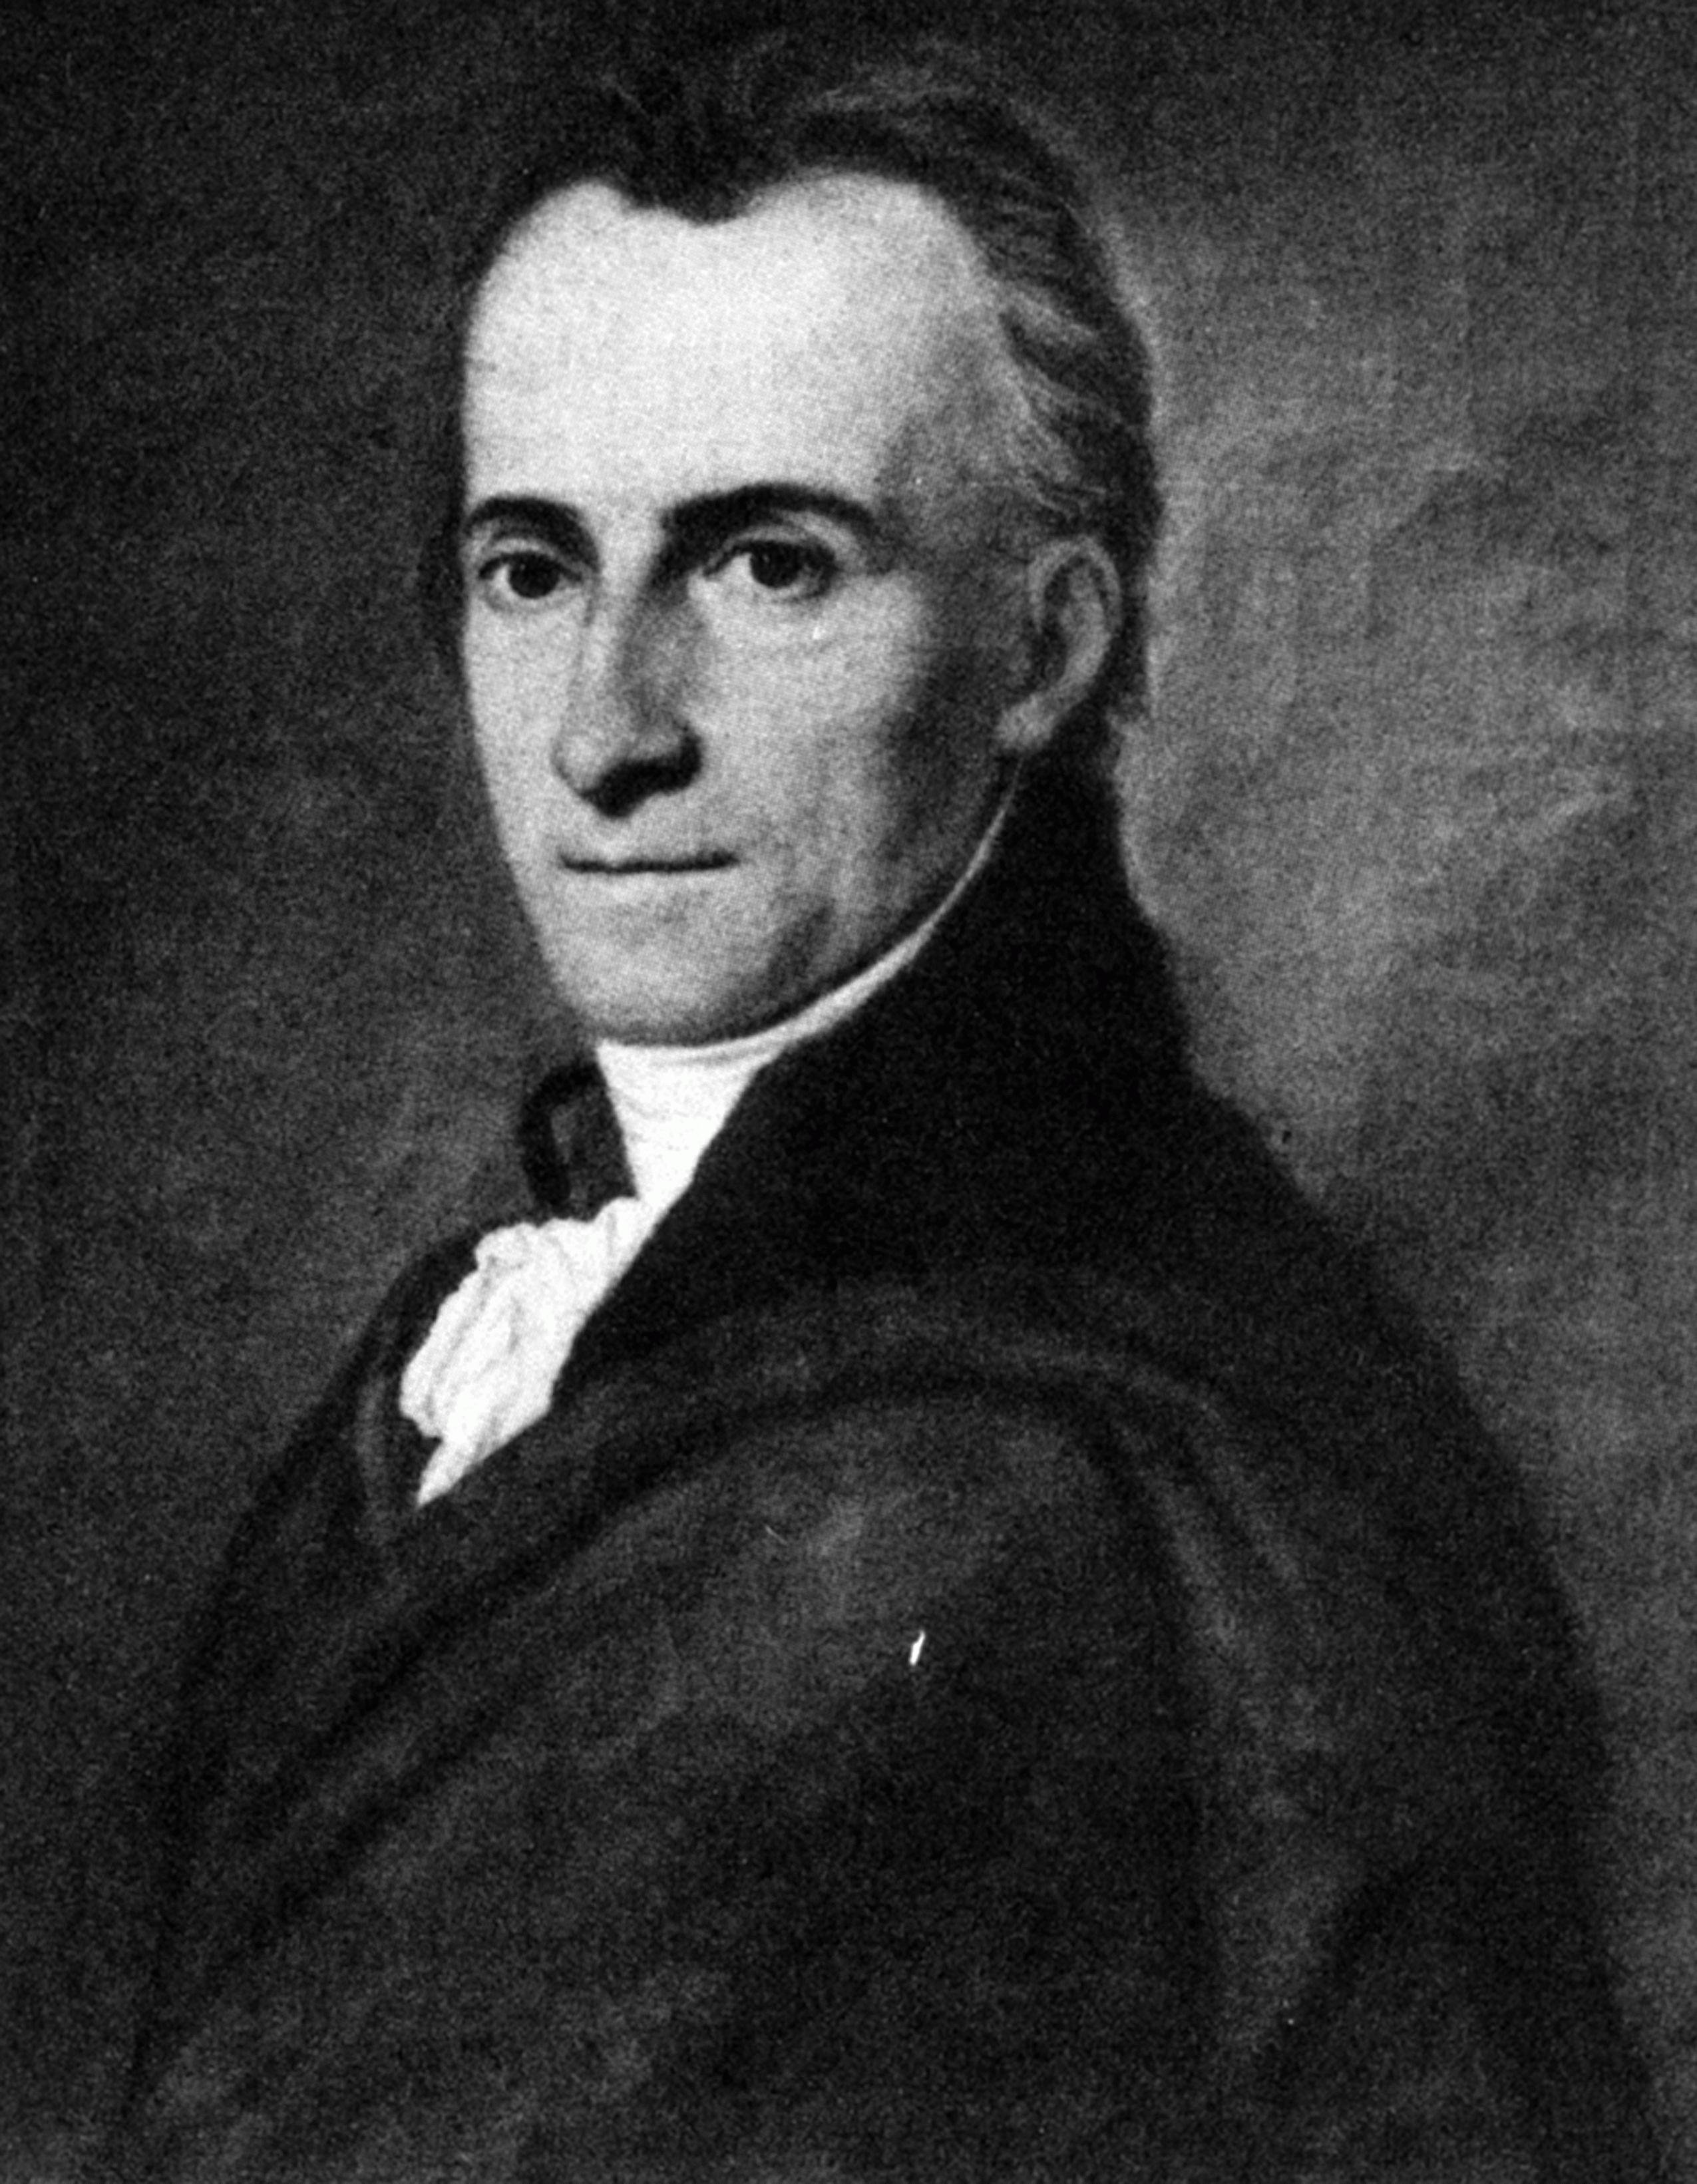 Kazinczy Ferenc az Erdélyi levelek megírásának idején